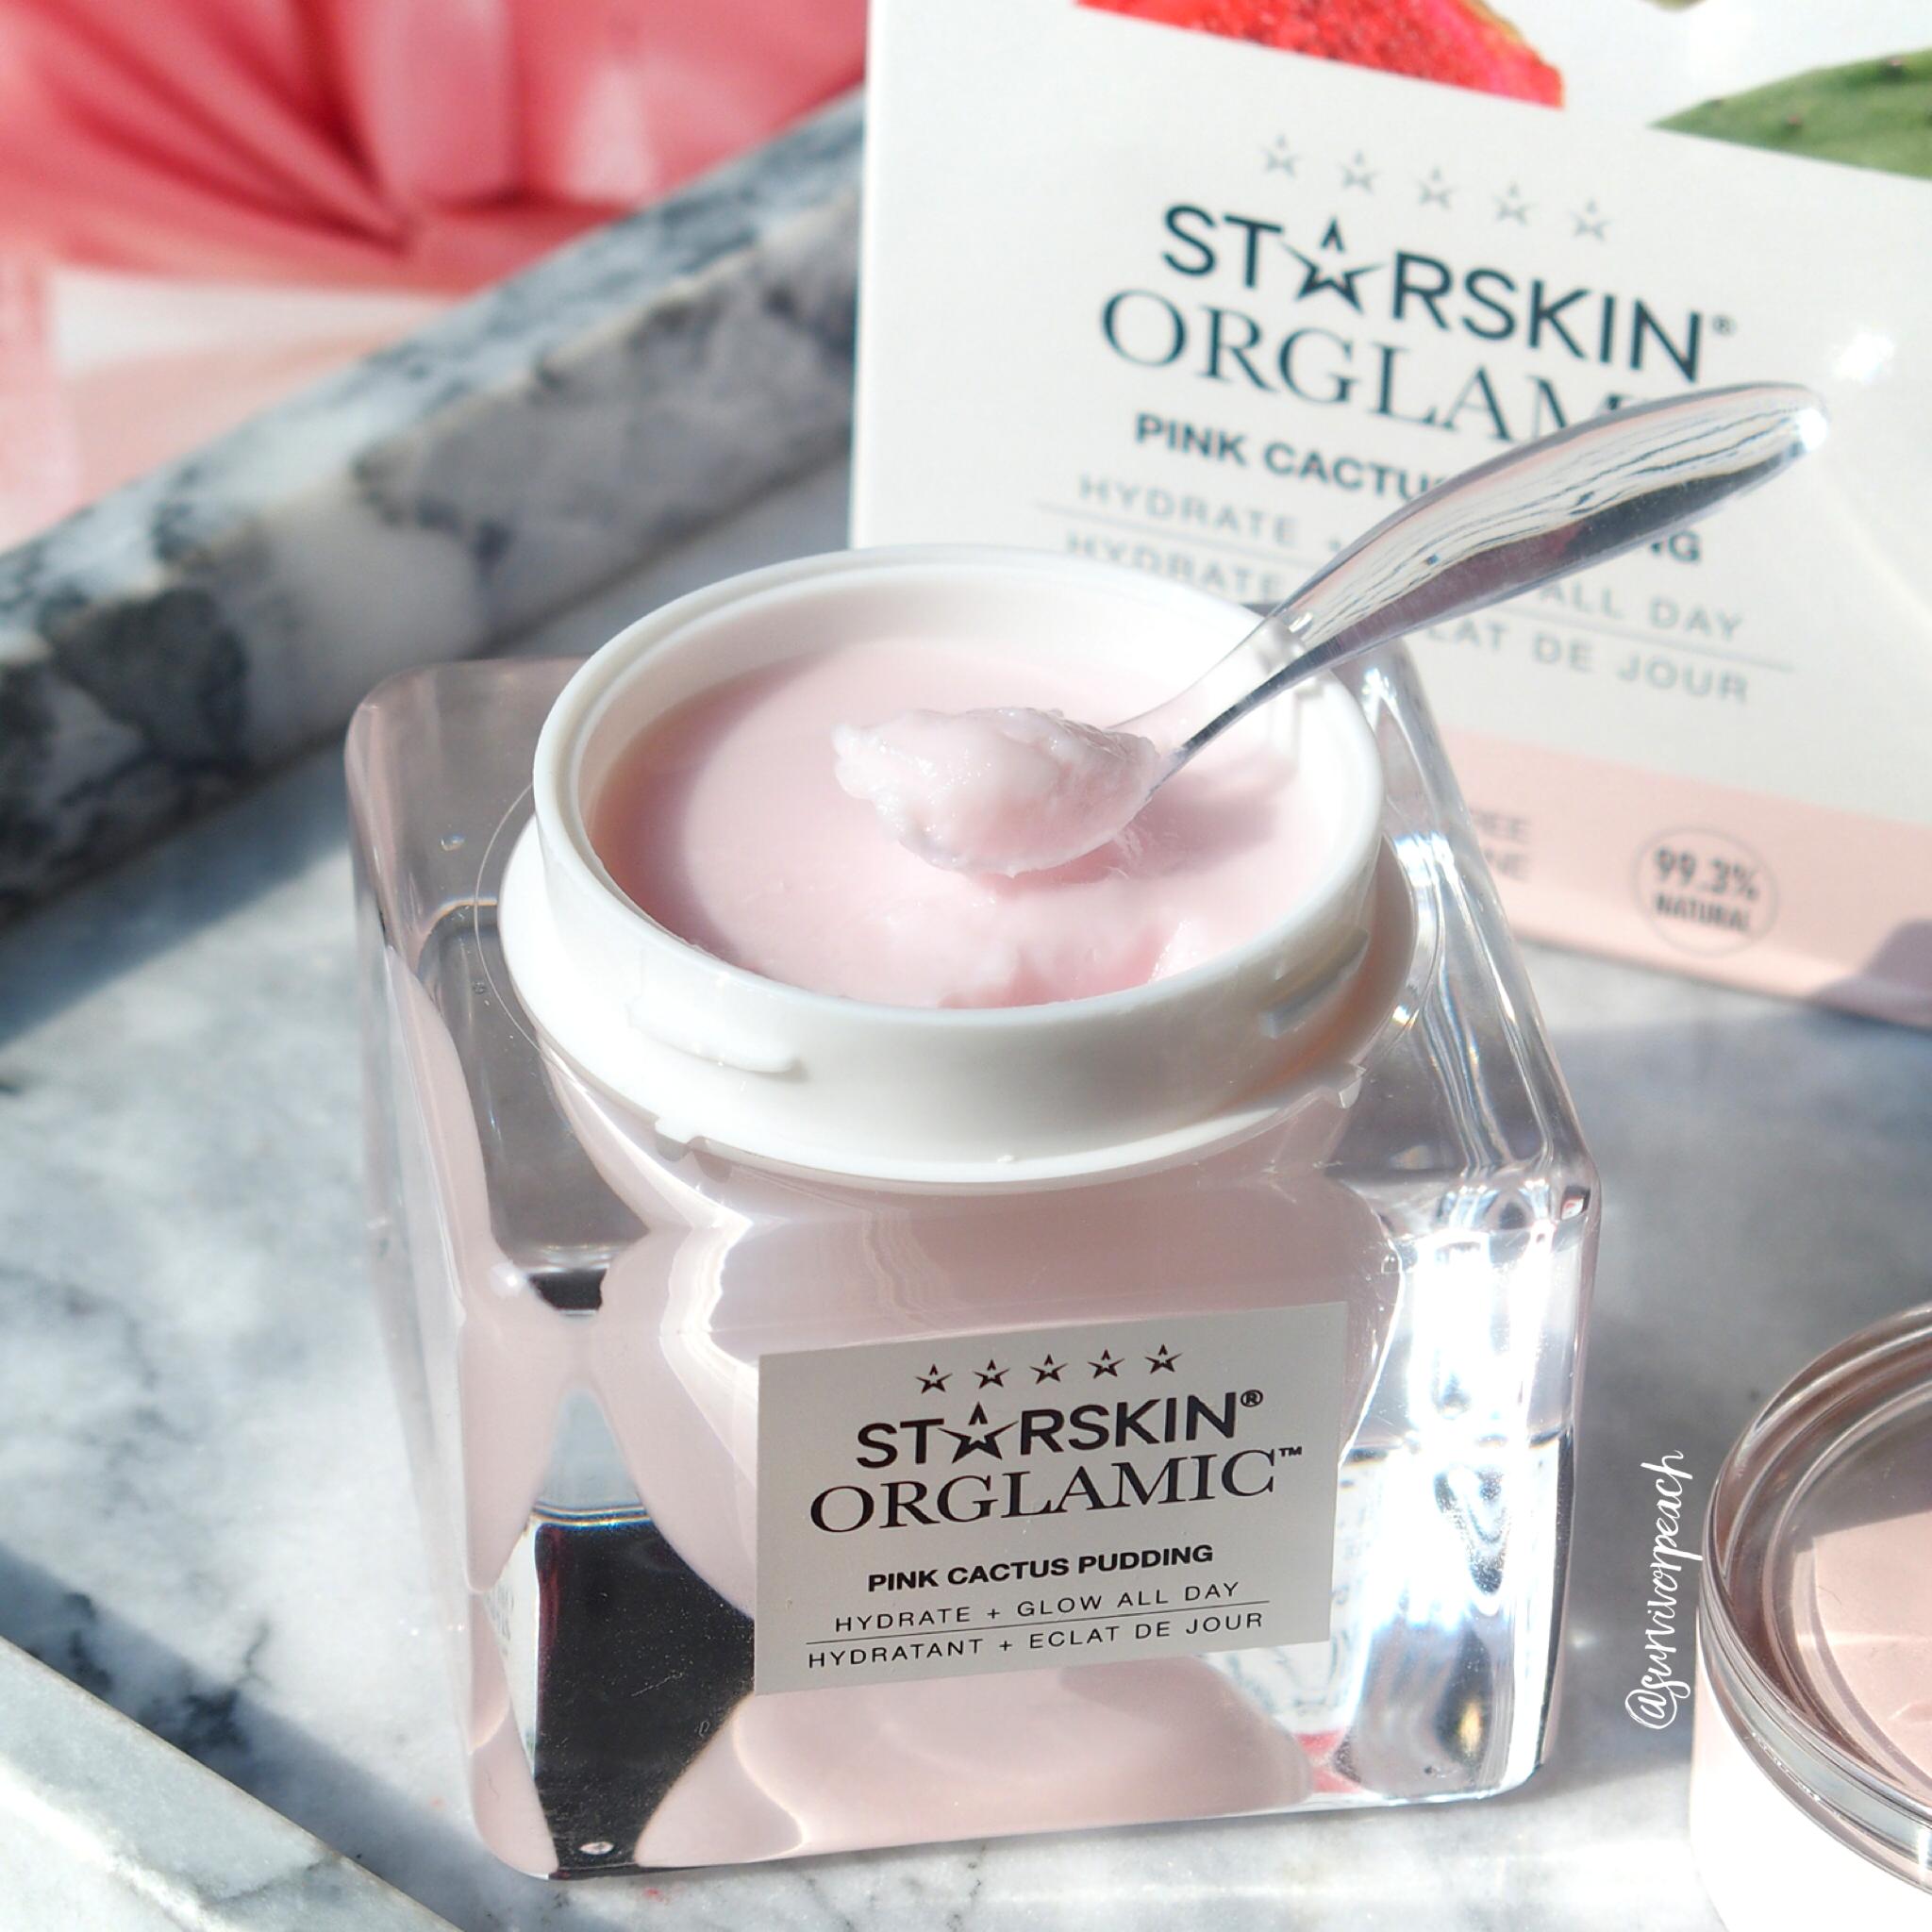 Starskin Orglamic™ Pink Cactus Pudding